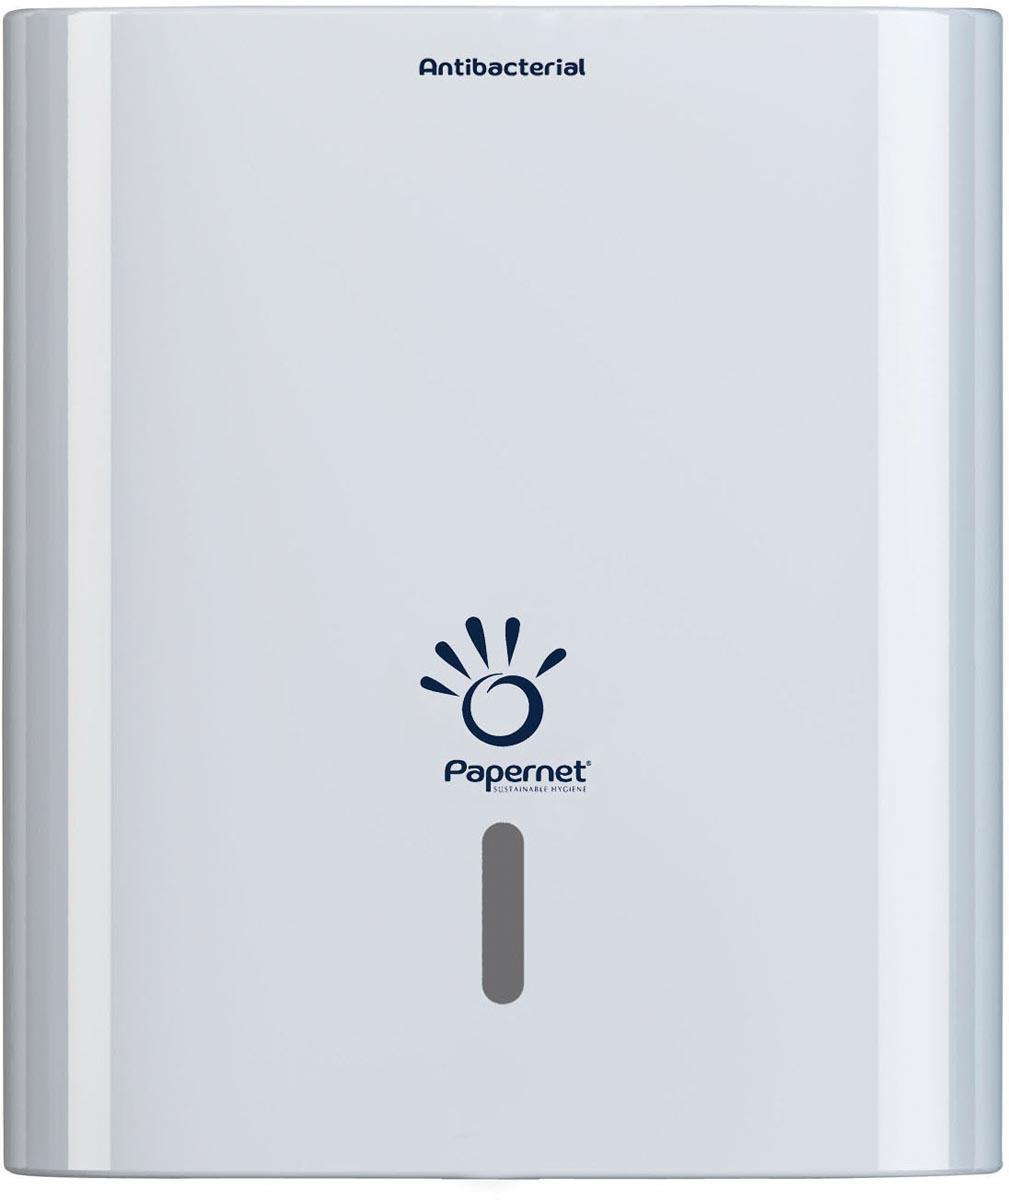 Papernet handdoekdispenser HyTech